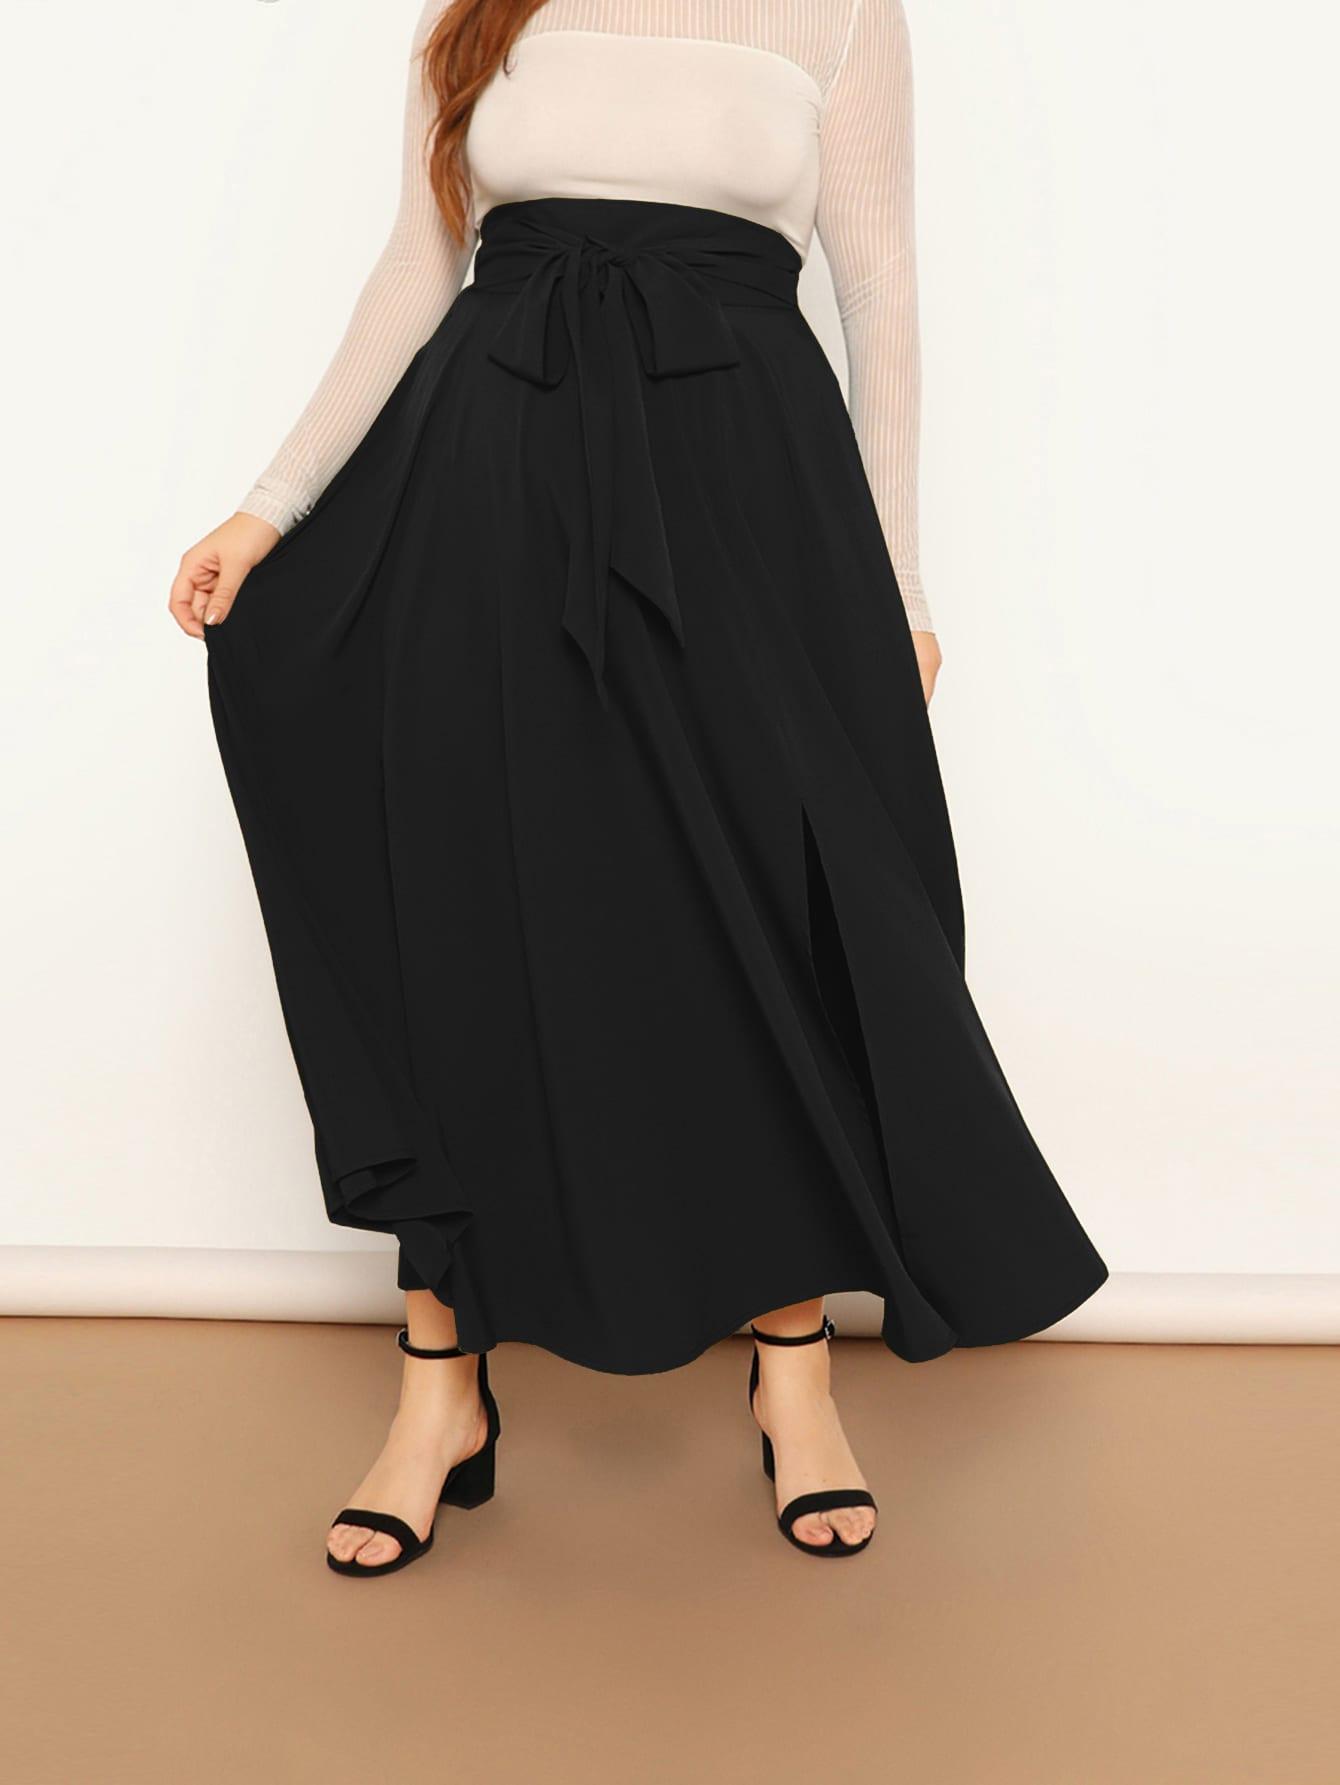 plus size skirt cotton skirt with dot flare skirt high waist skirt Maxi skirt long skirt A-line skirt customized skirt A0019